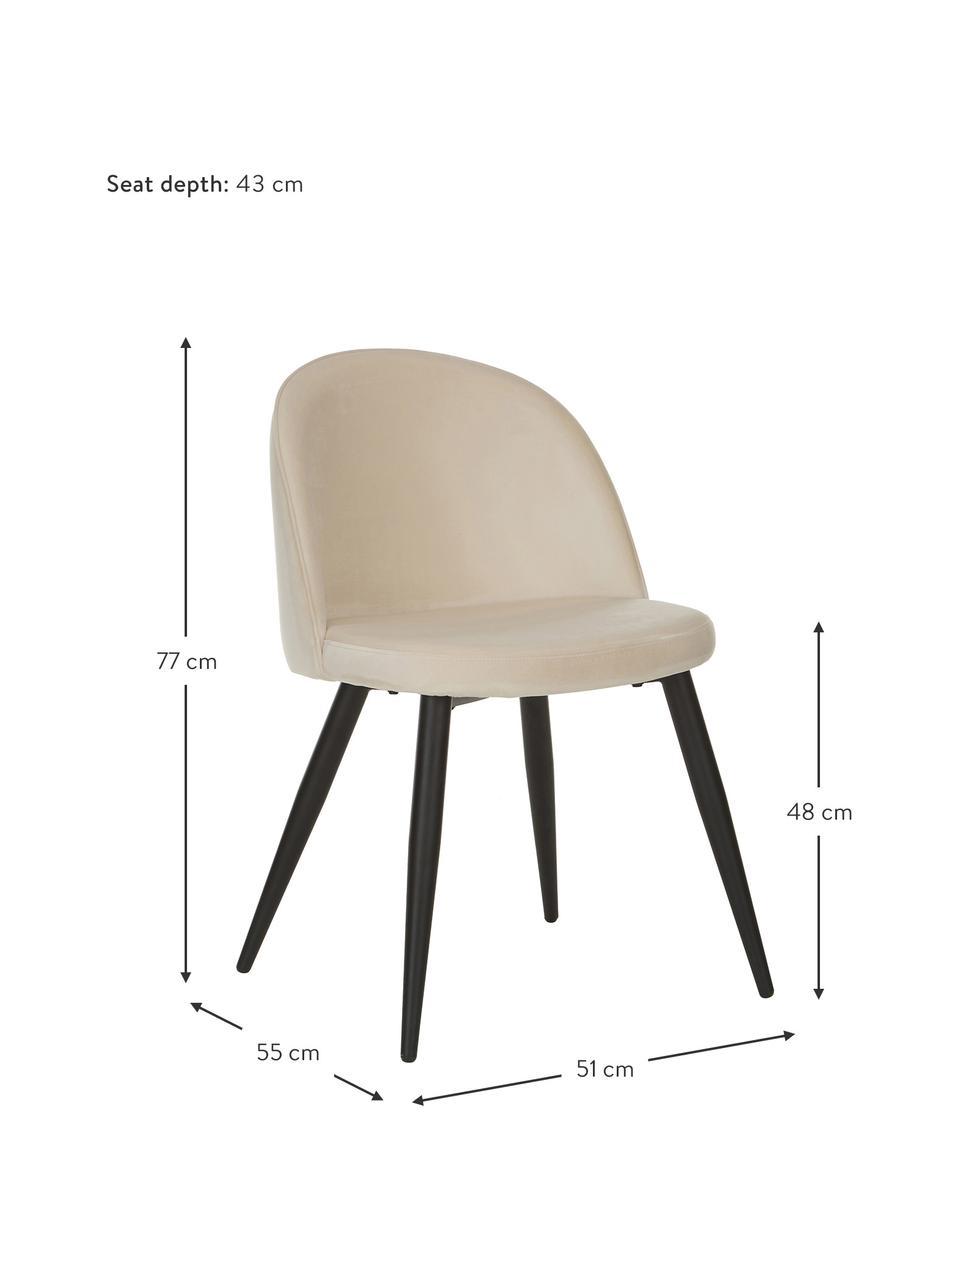 Moderne Samt-Polsterstühle Amy, 2 Stück, Bezug: Samt (Polyester) Der hoch, Beine: Metall, pulverbeschichtet, Samt Cremeweiß, B 51 x T 55 cm